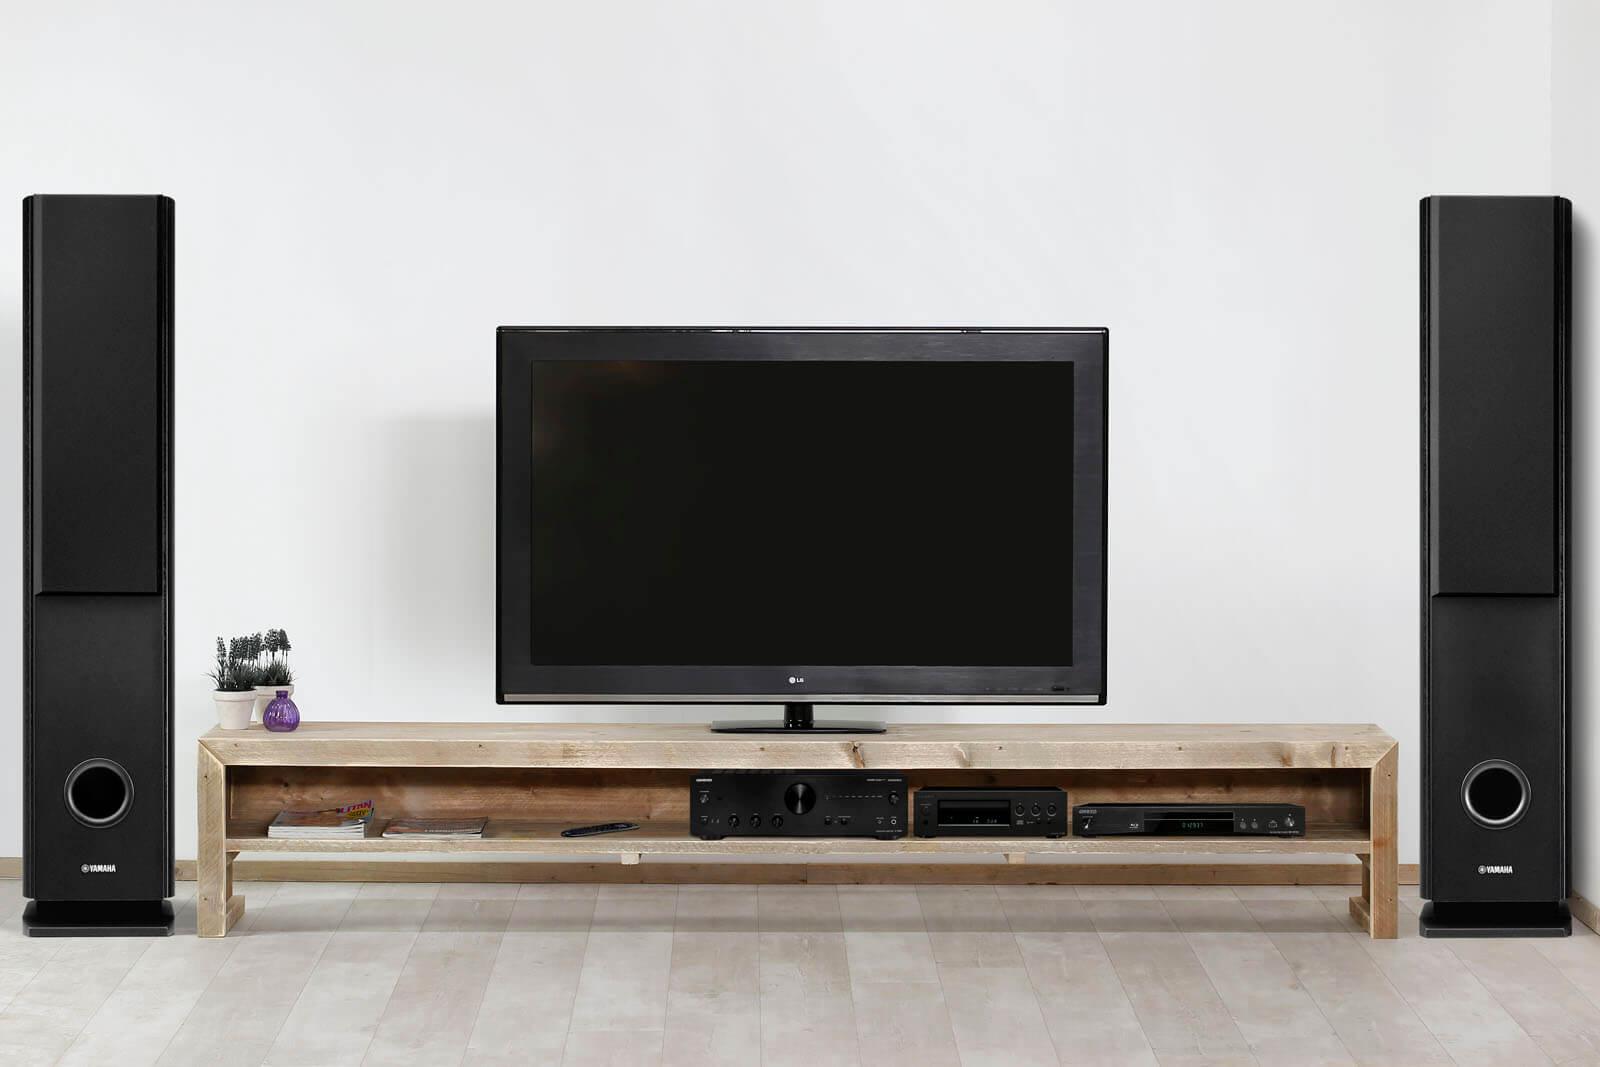 Steigerhouten tv meubel mio steigerhouttrend for Tv meubel kleine ruimte